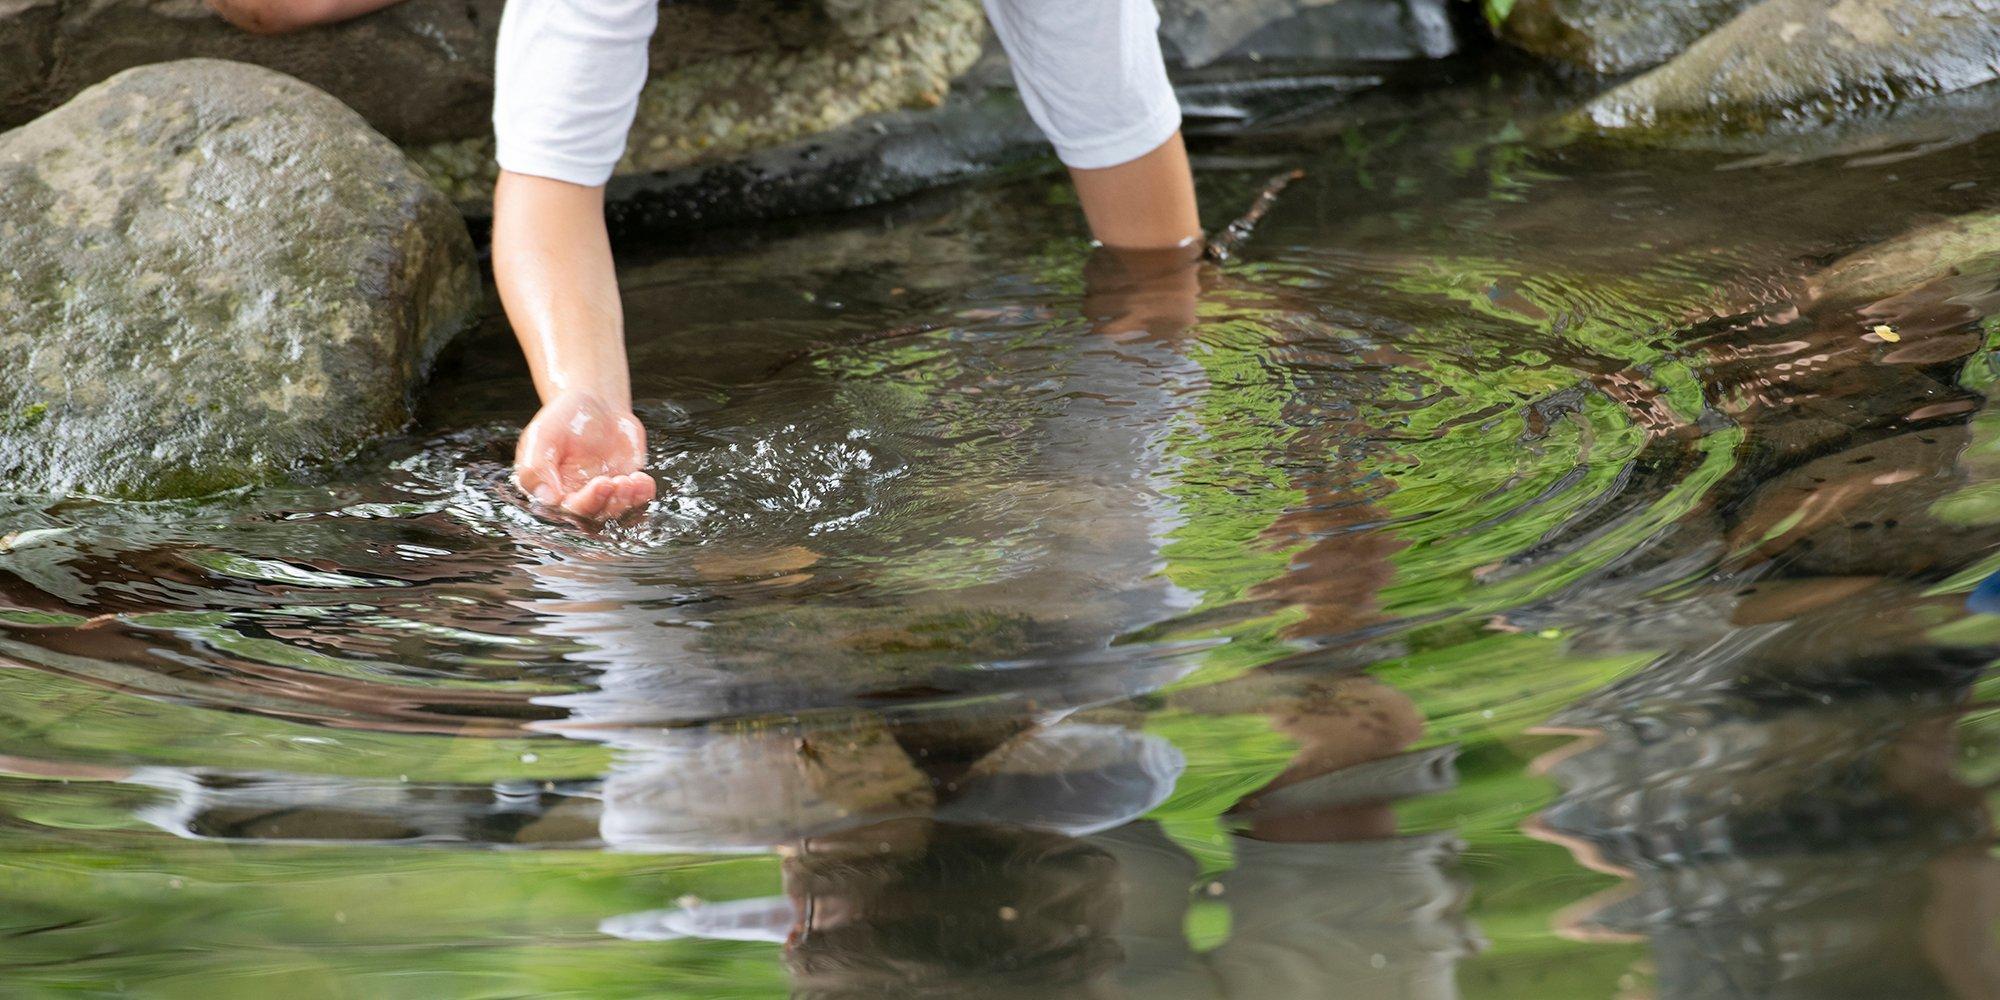 Hands_in_Water